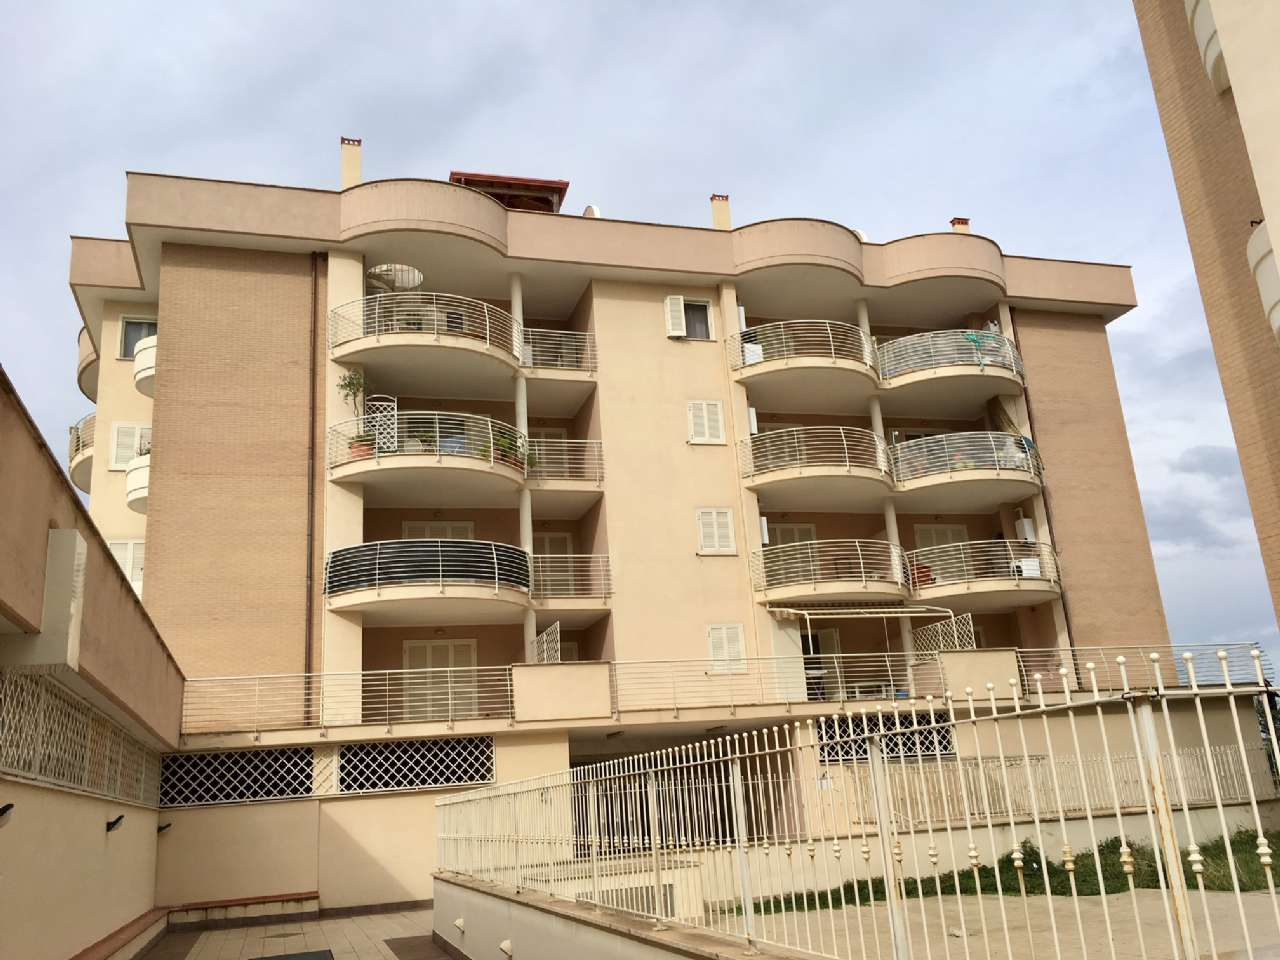 Appartamento in vendita a Tivoli, 3 locali, prezzo € 170.000 | CambioCasa.it